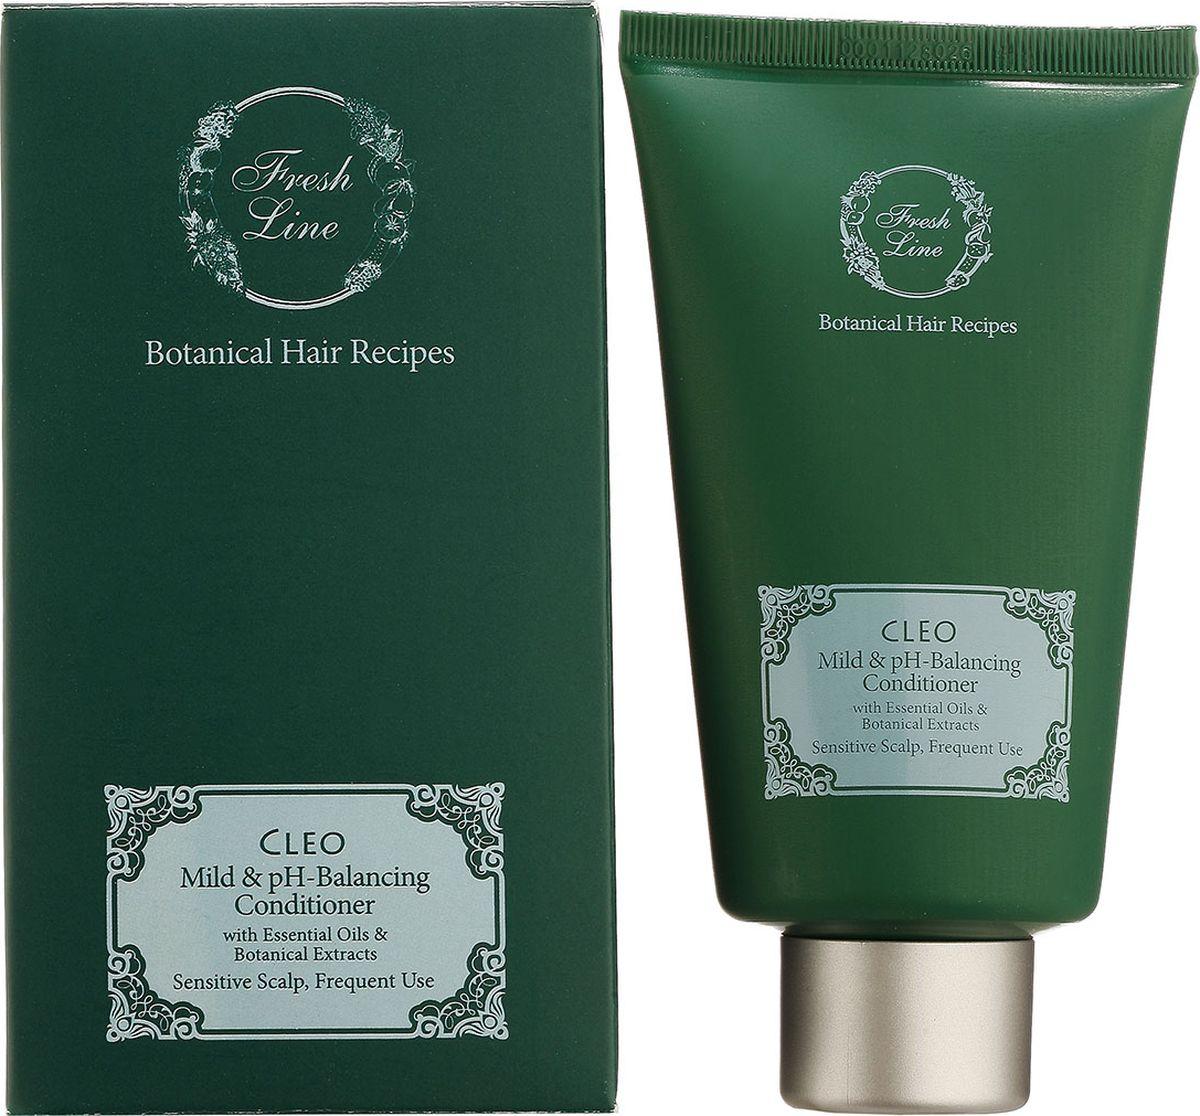 Fresh Line Кондиционер для волос для частого использования Клео, 150 мл911412Увлажняющий кондиционер для частого использования и чувствительной кожи головы бережно ухаживает за волосами, придавая им мягкость и здоровое сияние. Содержит сок алоэ, способствующий увлажнению волос и кожи головы, экстракт овса и эфирное масло ромашки, смягчающие и снимающие раздражение, эктракт окопника и масло календулы, укрепляющие волосы. Идеально подходит для использования после посещения бассейна, во время пребывания на солнце и для ежедневного ухода.